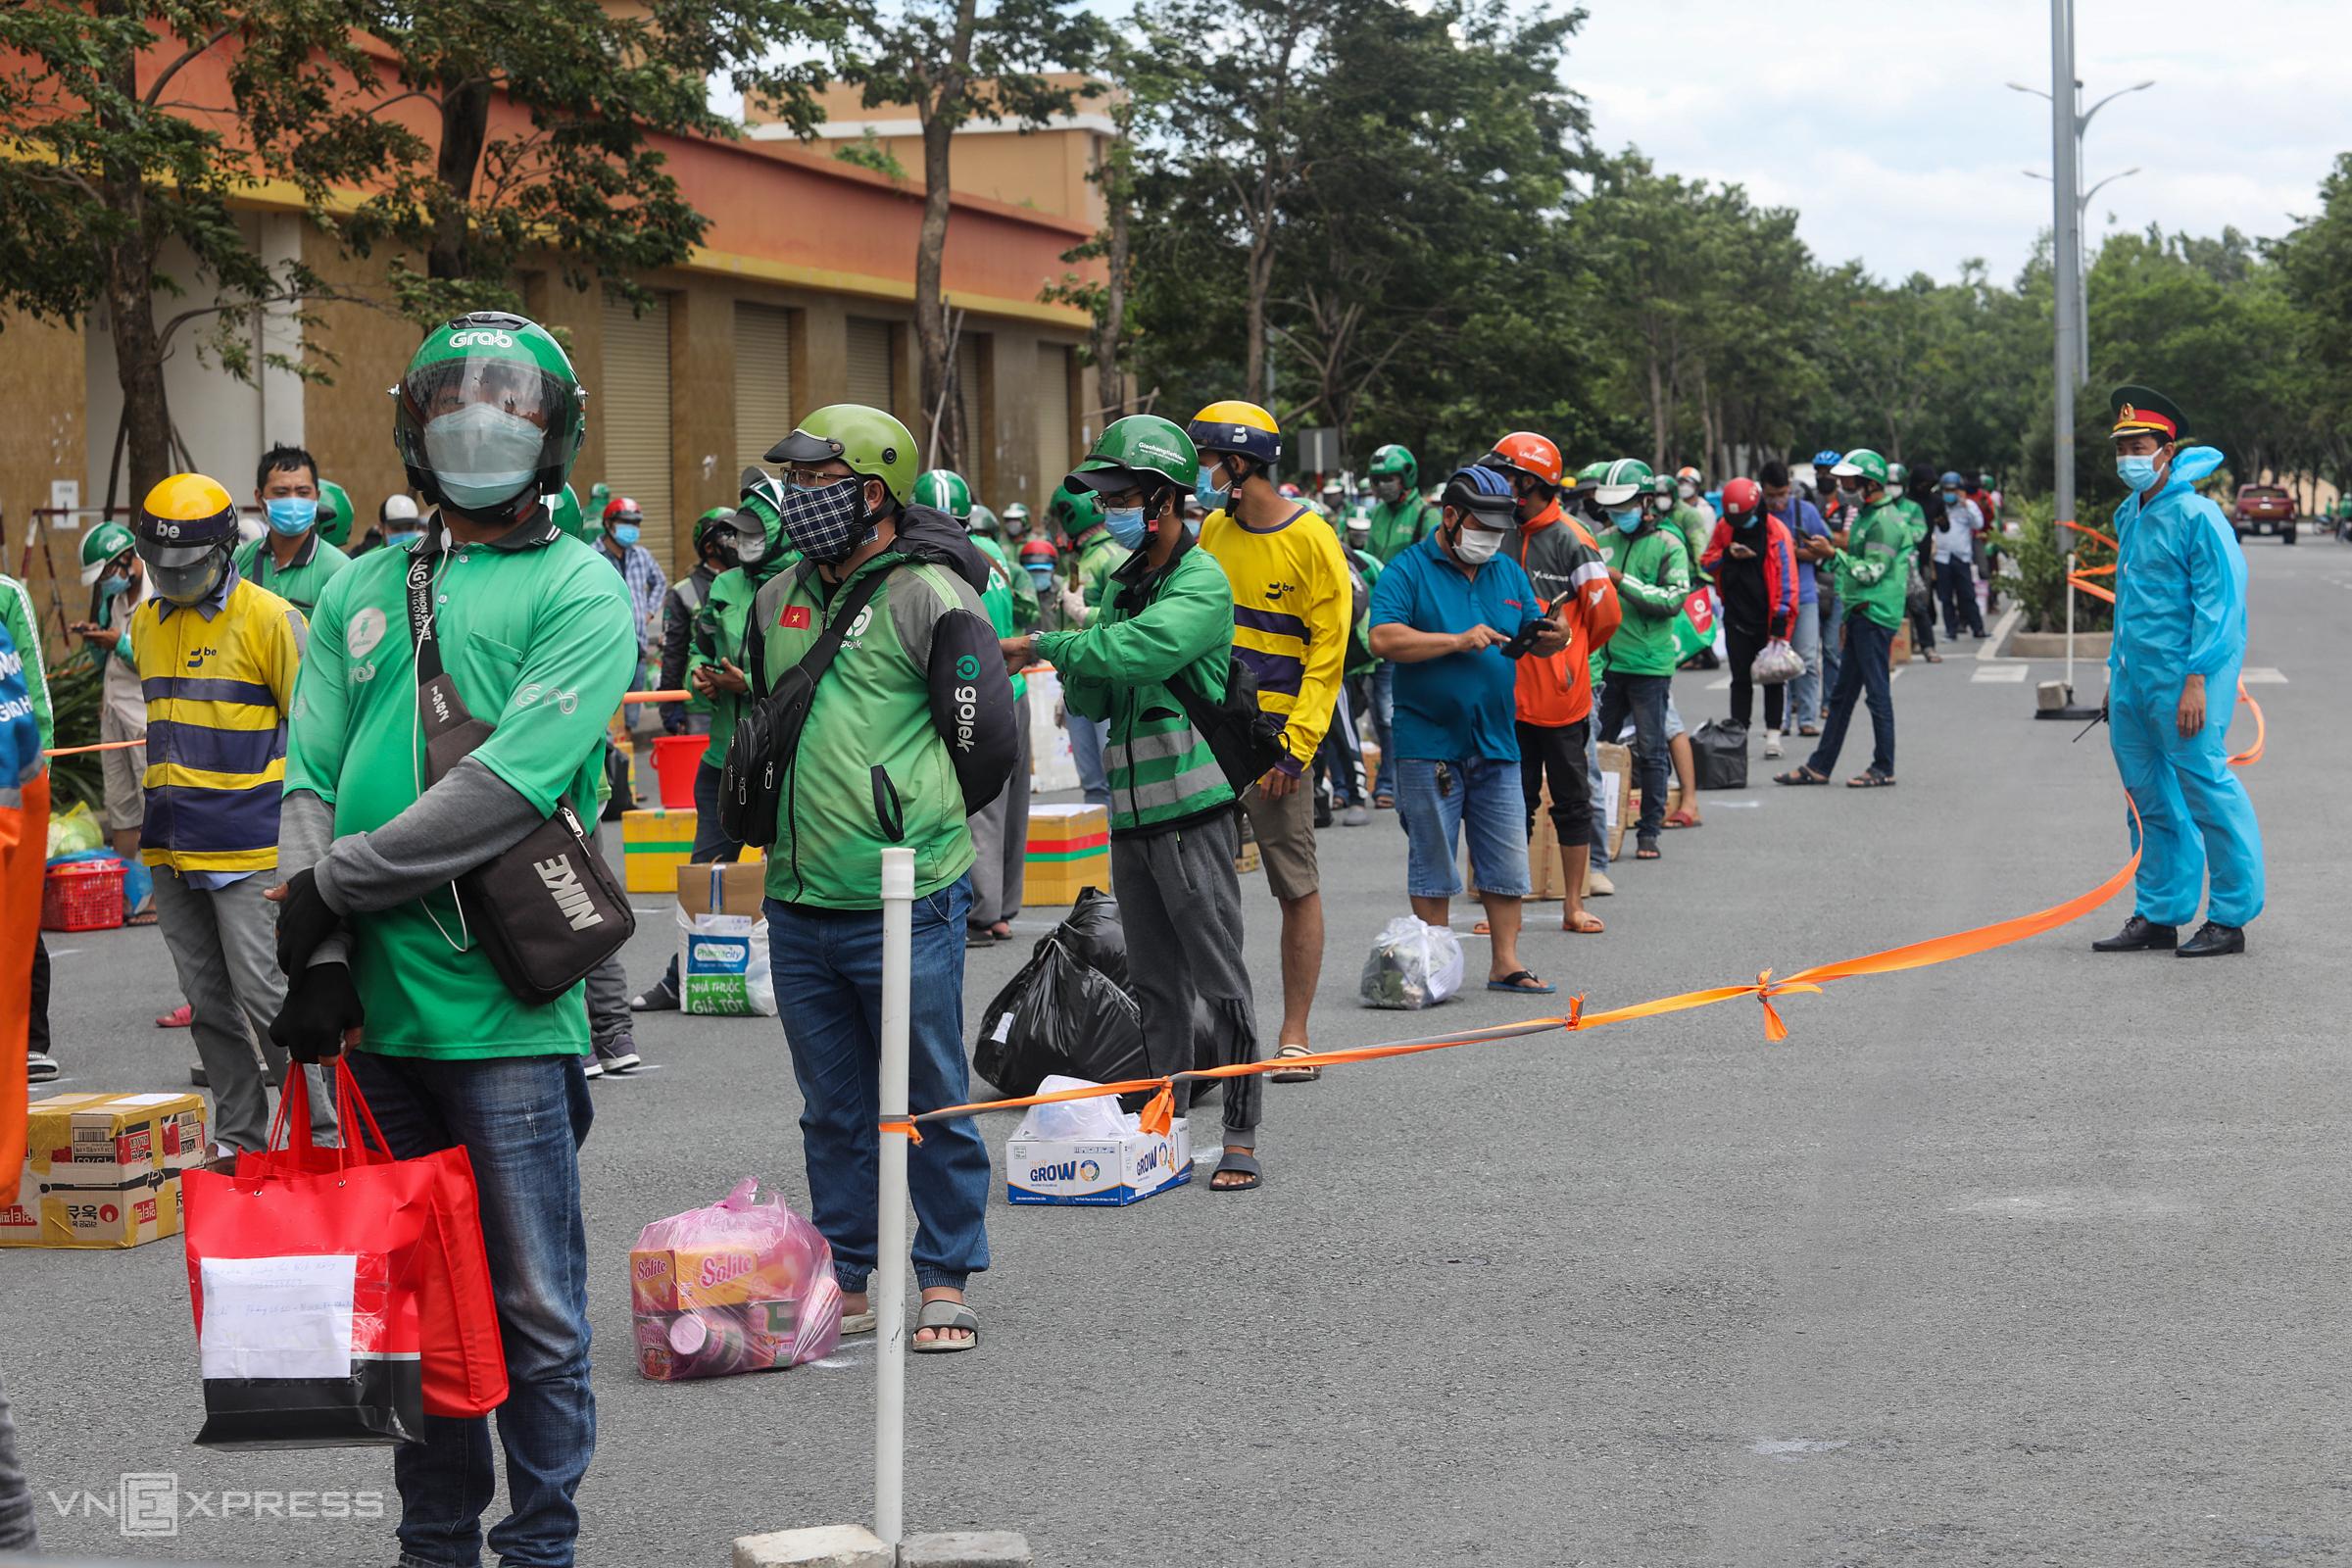 Shipper và người dân đứng xếp hàng chờ giao đồ trước Bệnh viện dã chiến số 6 (TP Thủ Đức), ngày 21/7. Ảnh: Thành Nguyễn.